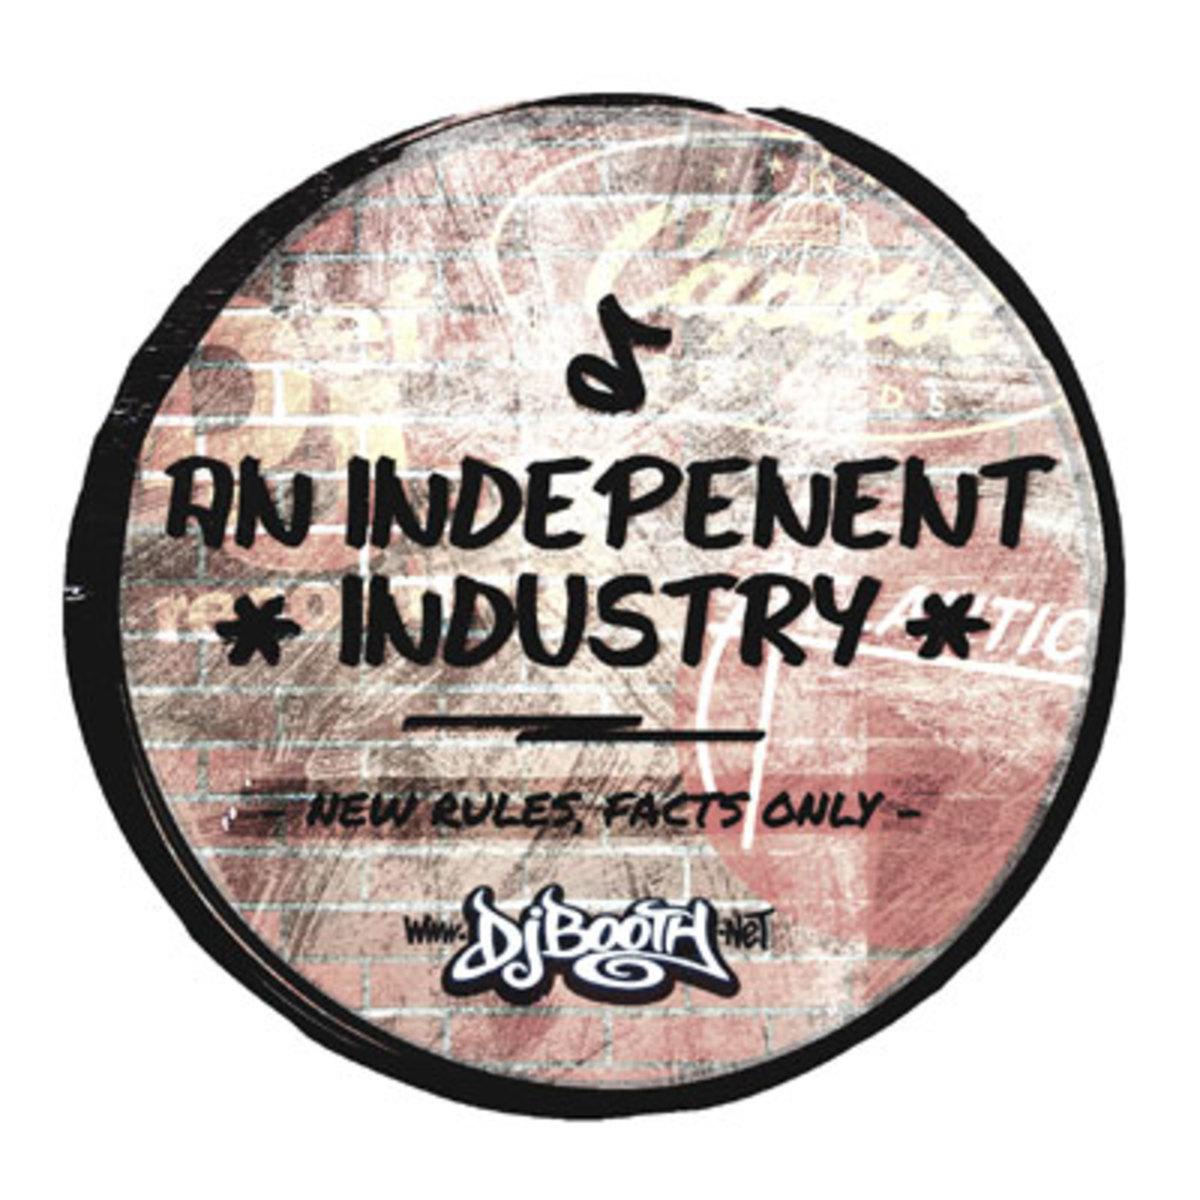 indie-industry-1.jpg